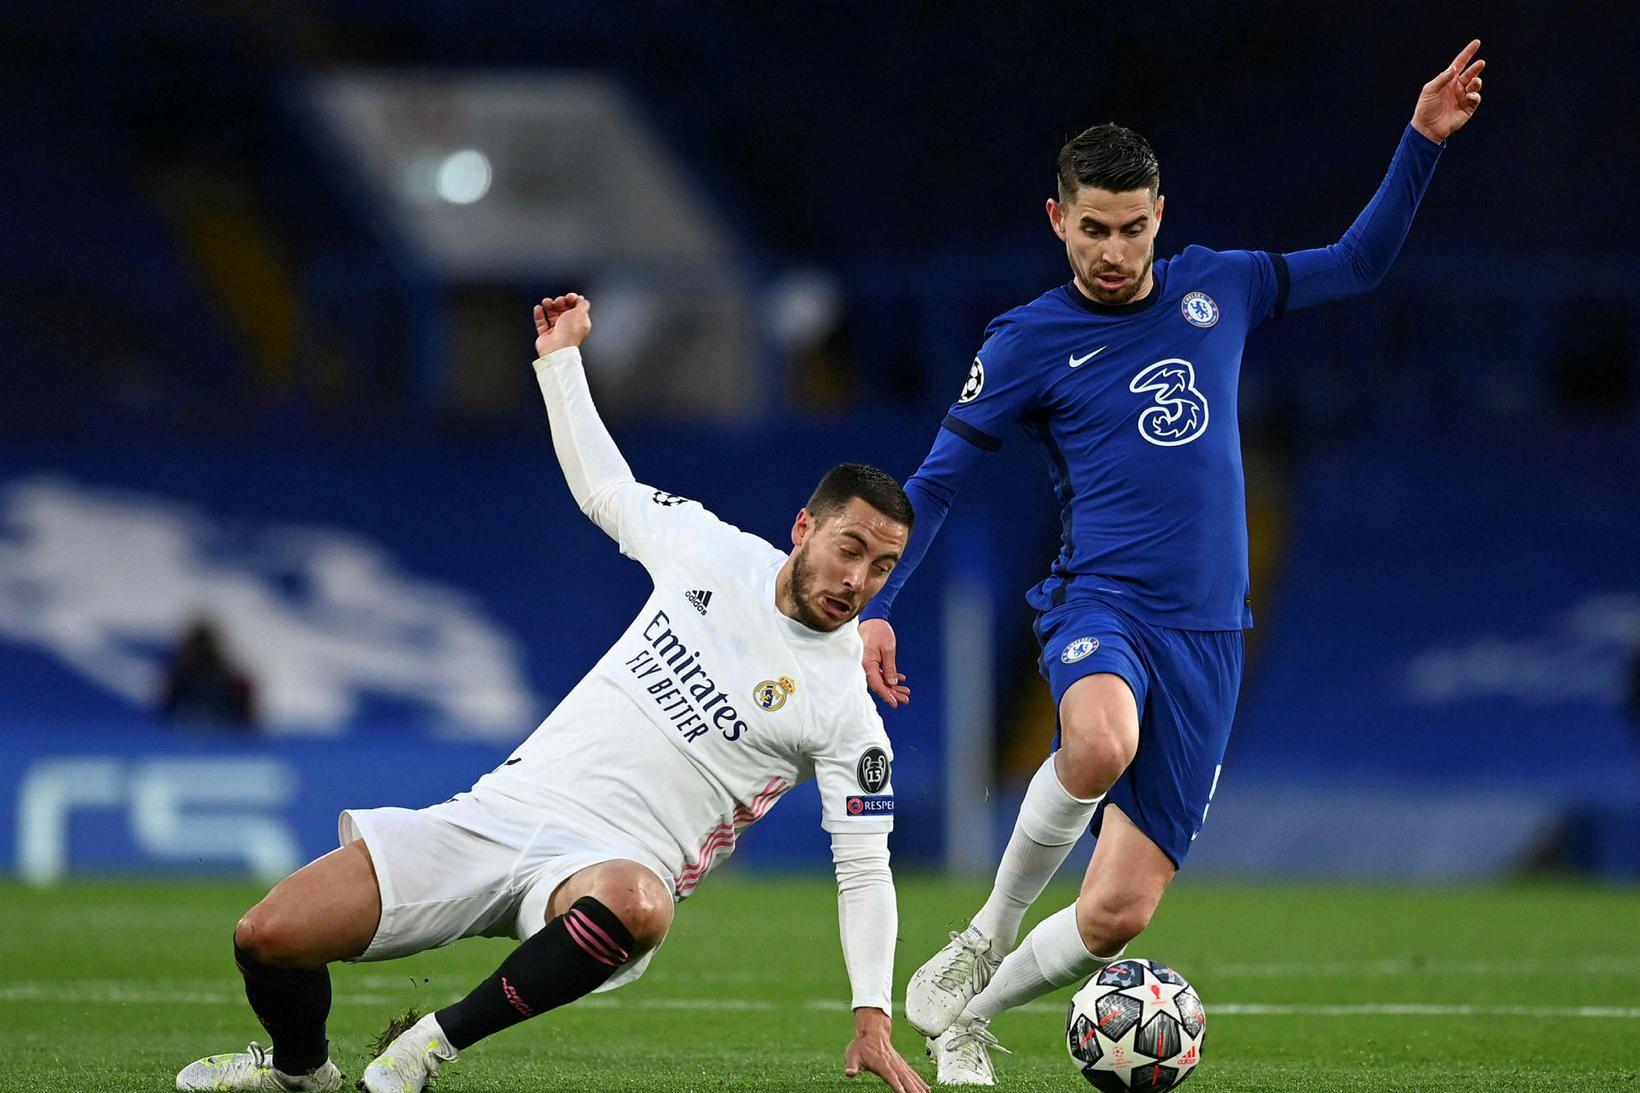 Eden Hazard í leiknum Chelsea á miðvikudagskvöldið.